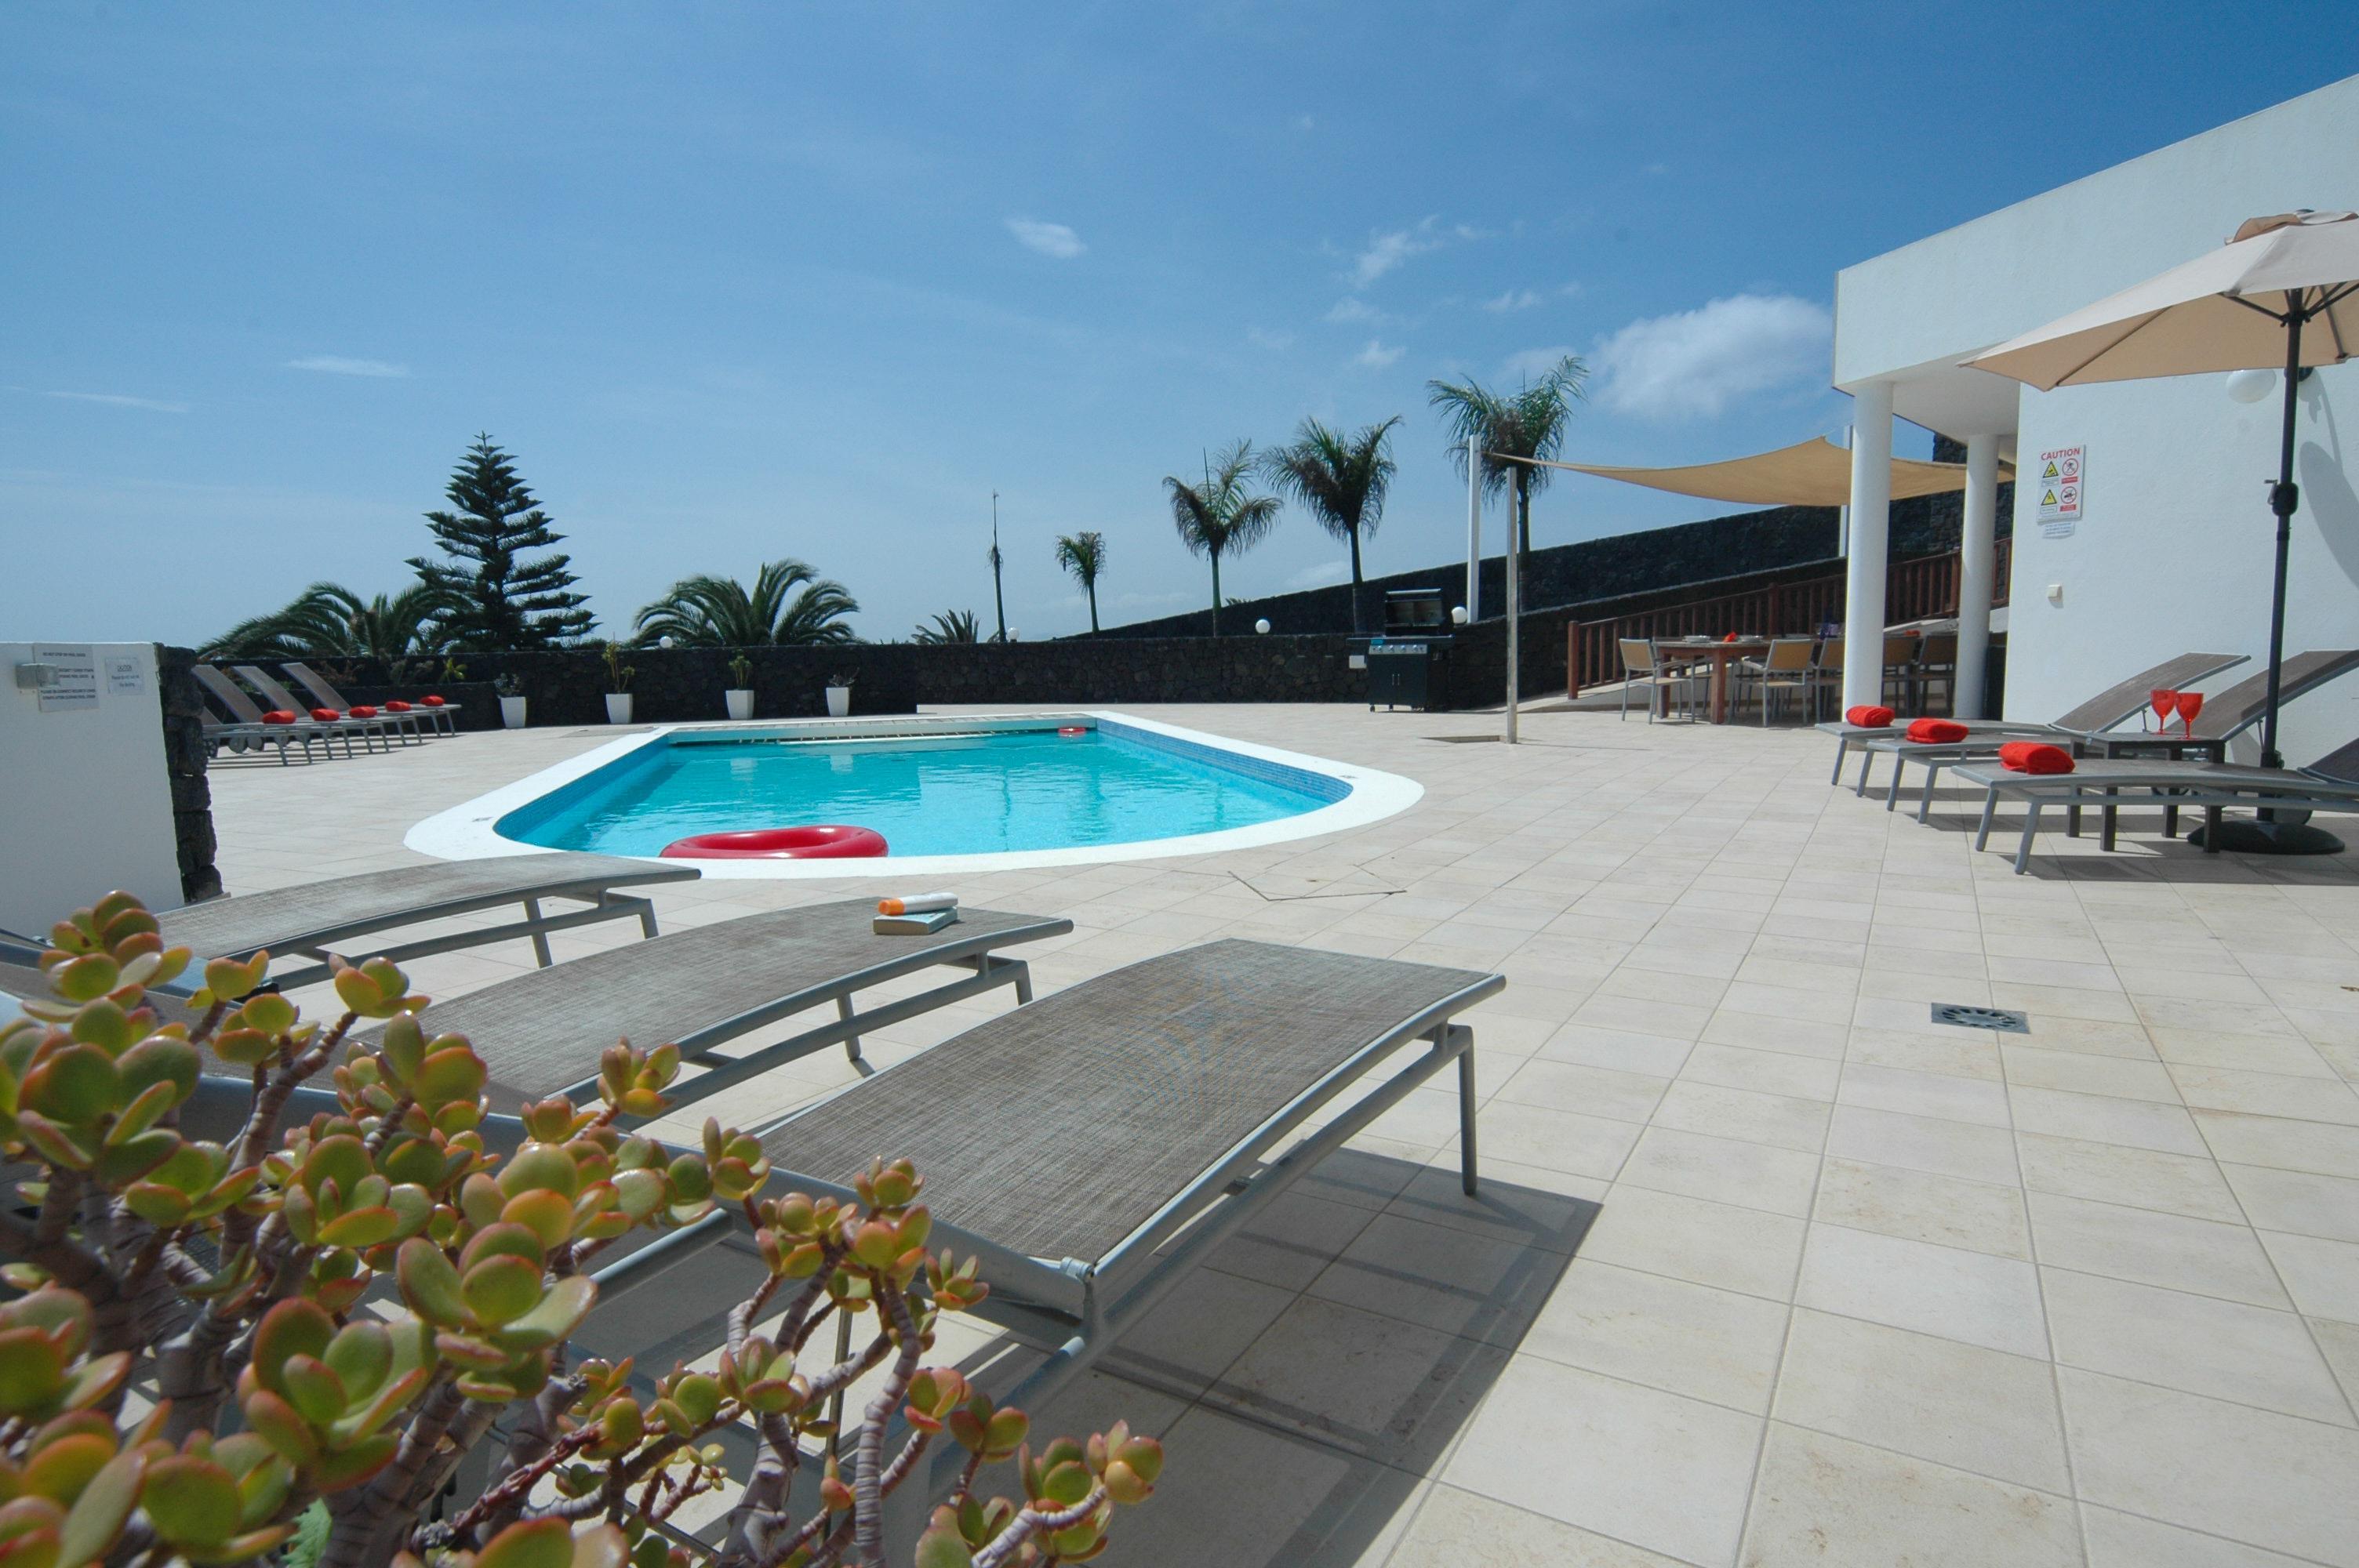 LVC216123 Heated pool